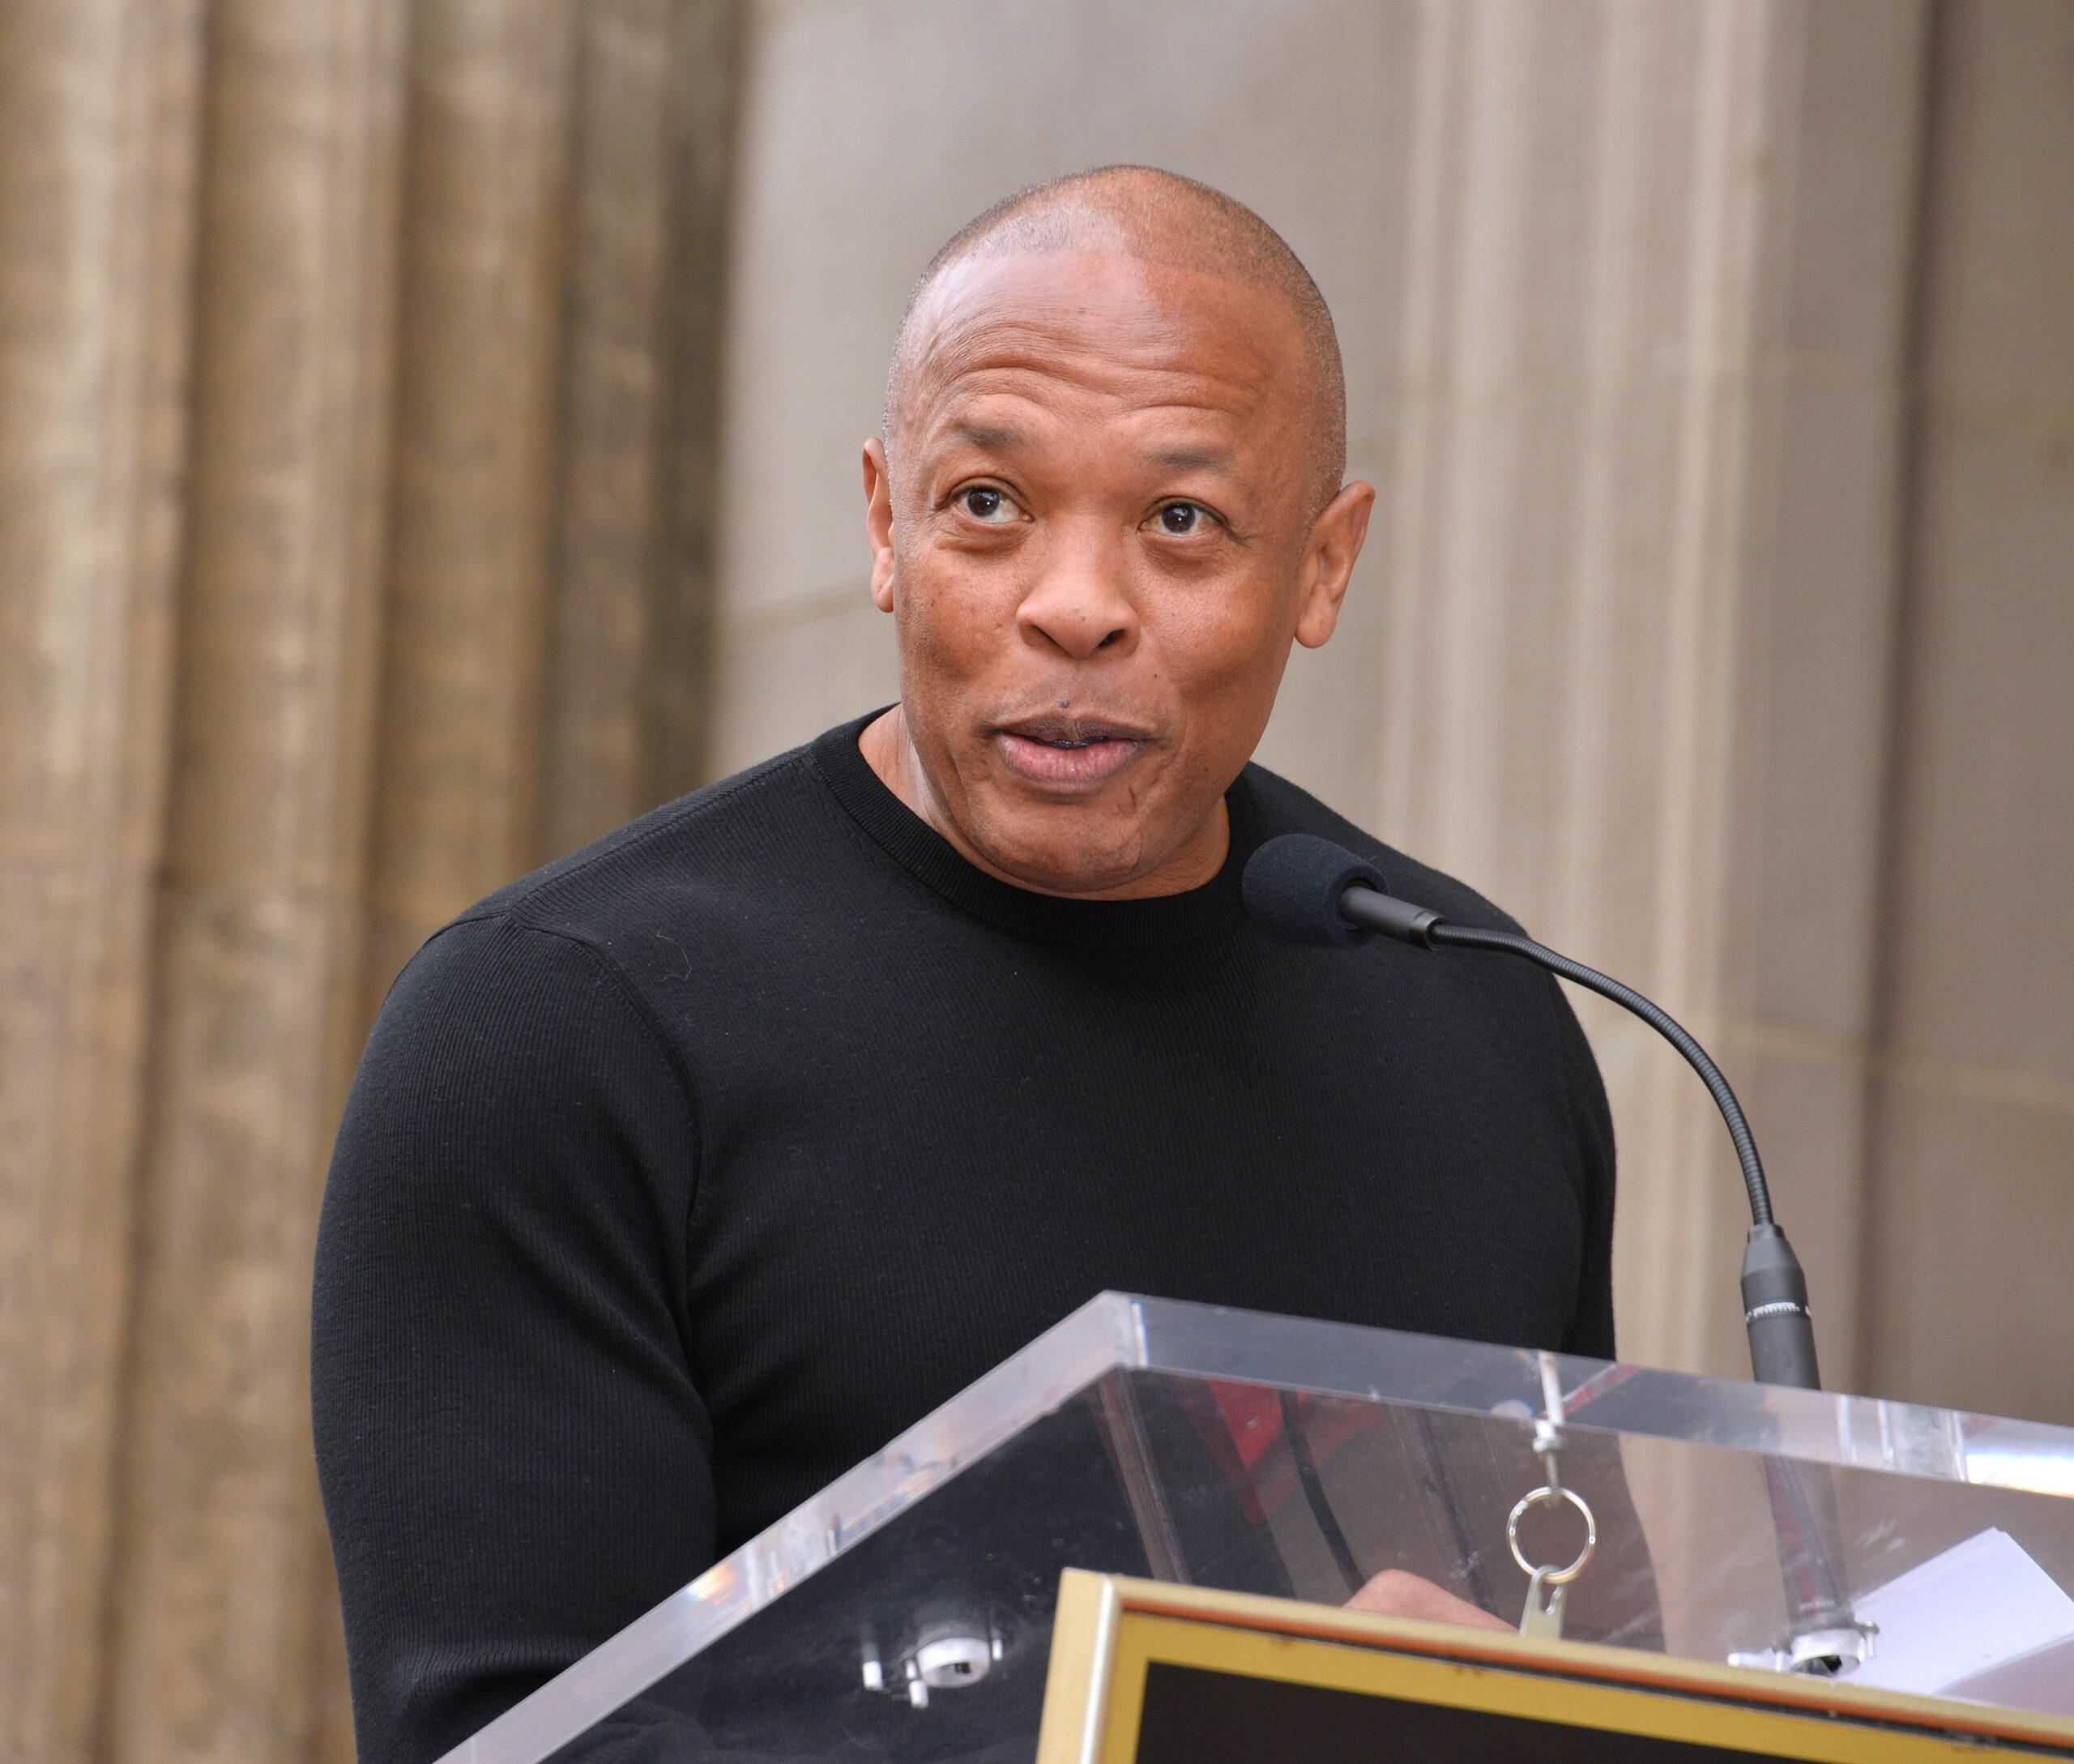 Dr. Dre, fundador da Beats